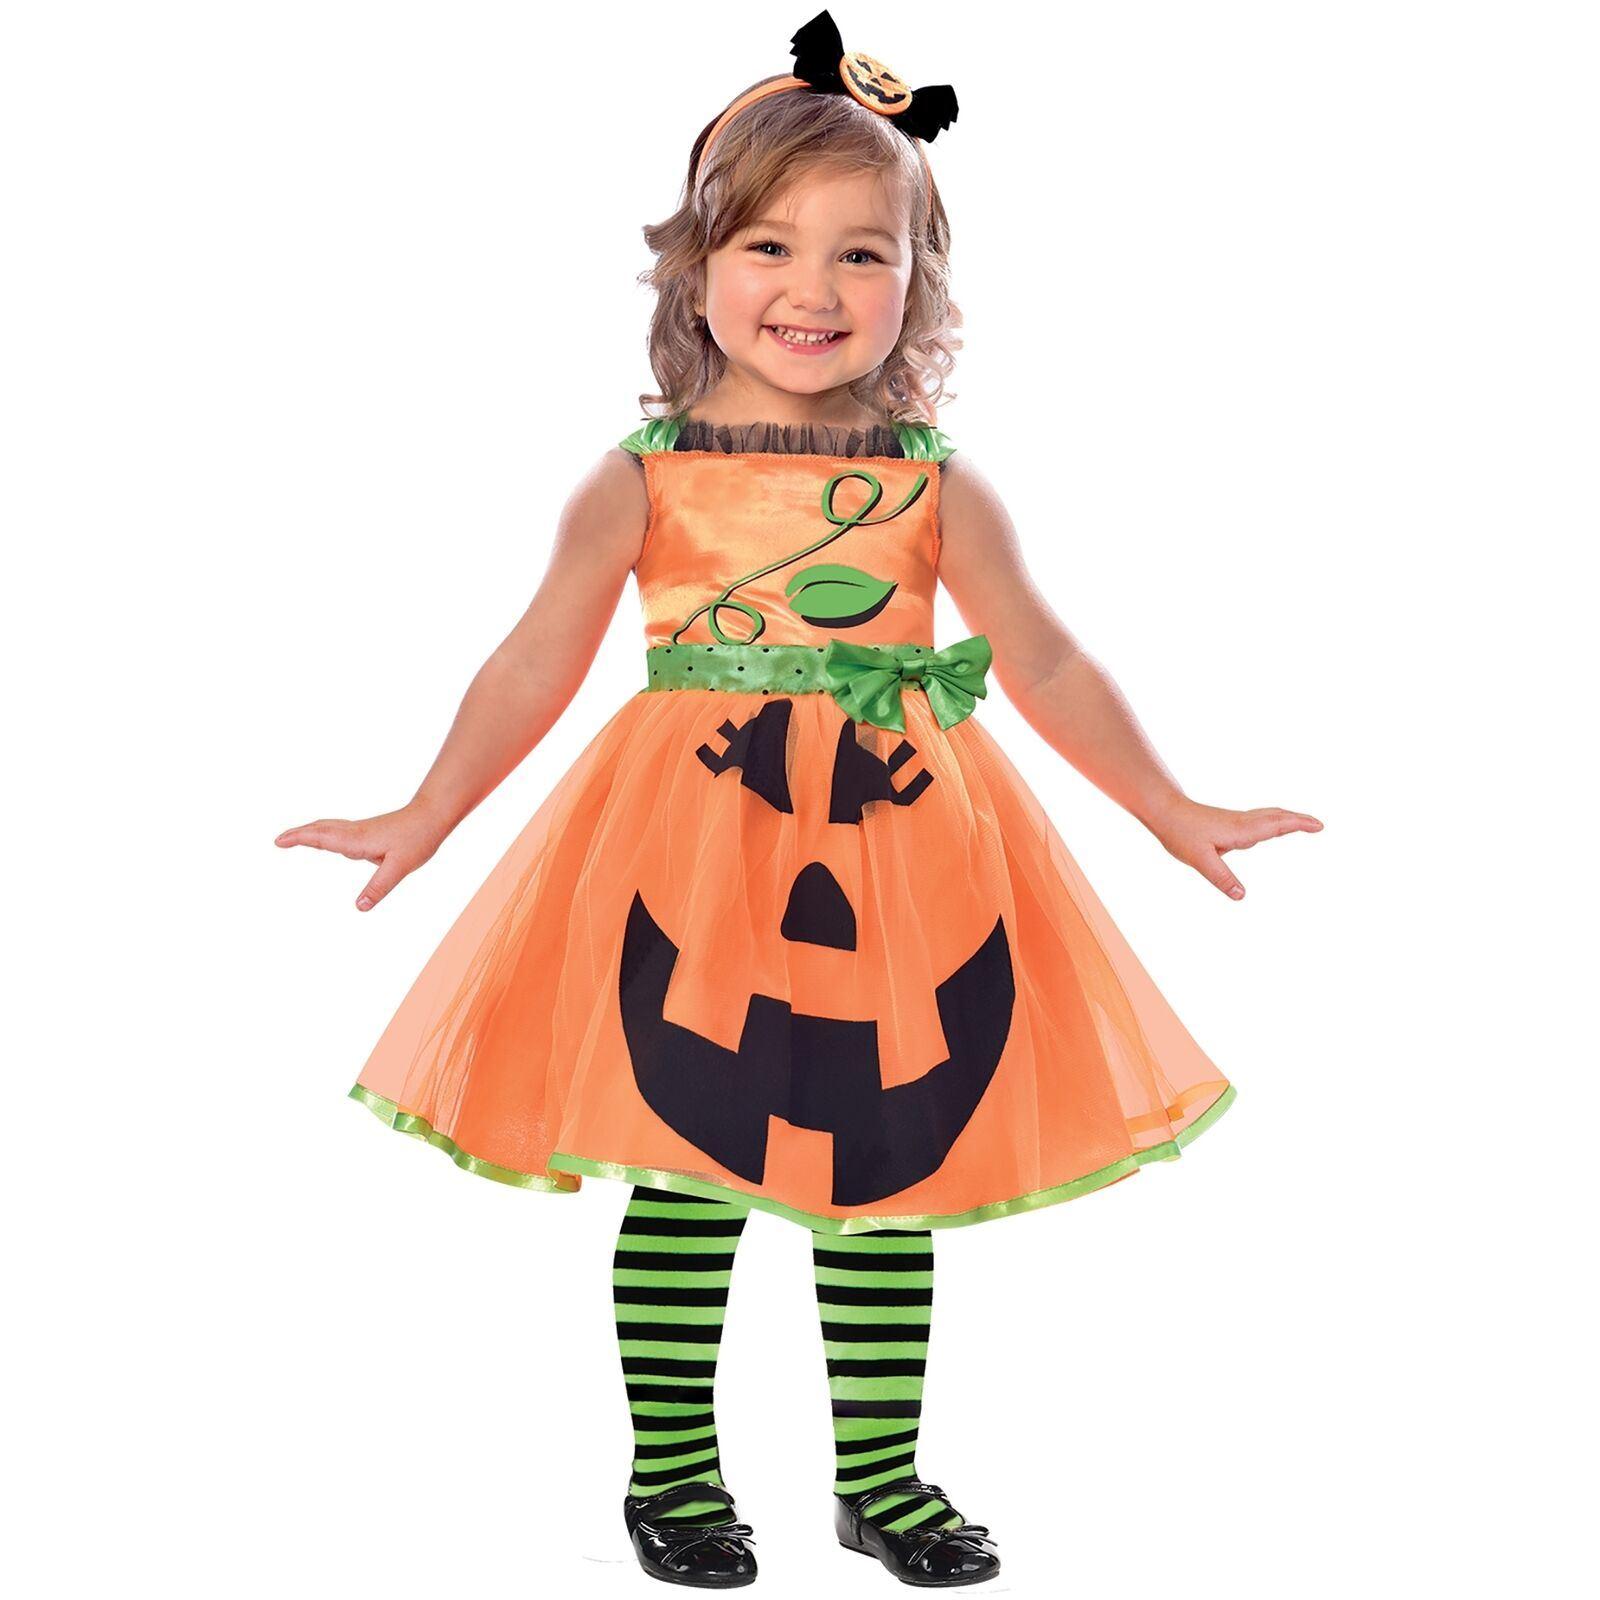 Vestiti Halloween Bambina 3 Anni.Dettagli Su Amscan Carino Zucca 2 3 Anni Bambino Del Bambino Costume Da Halloween Costume